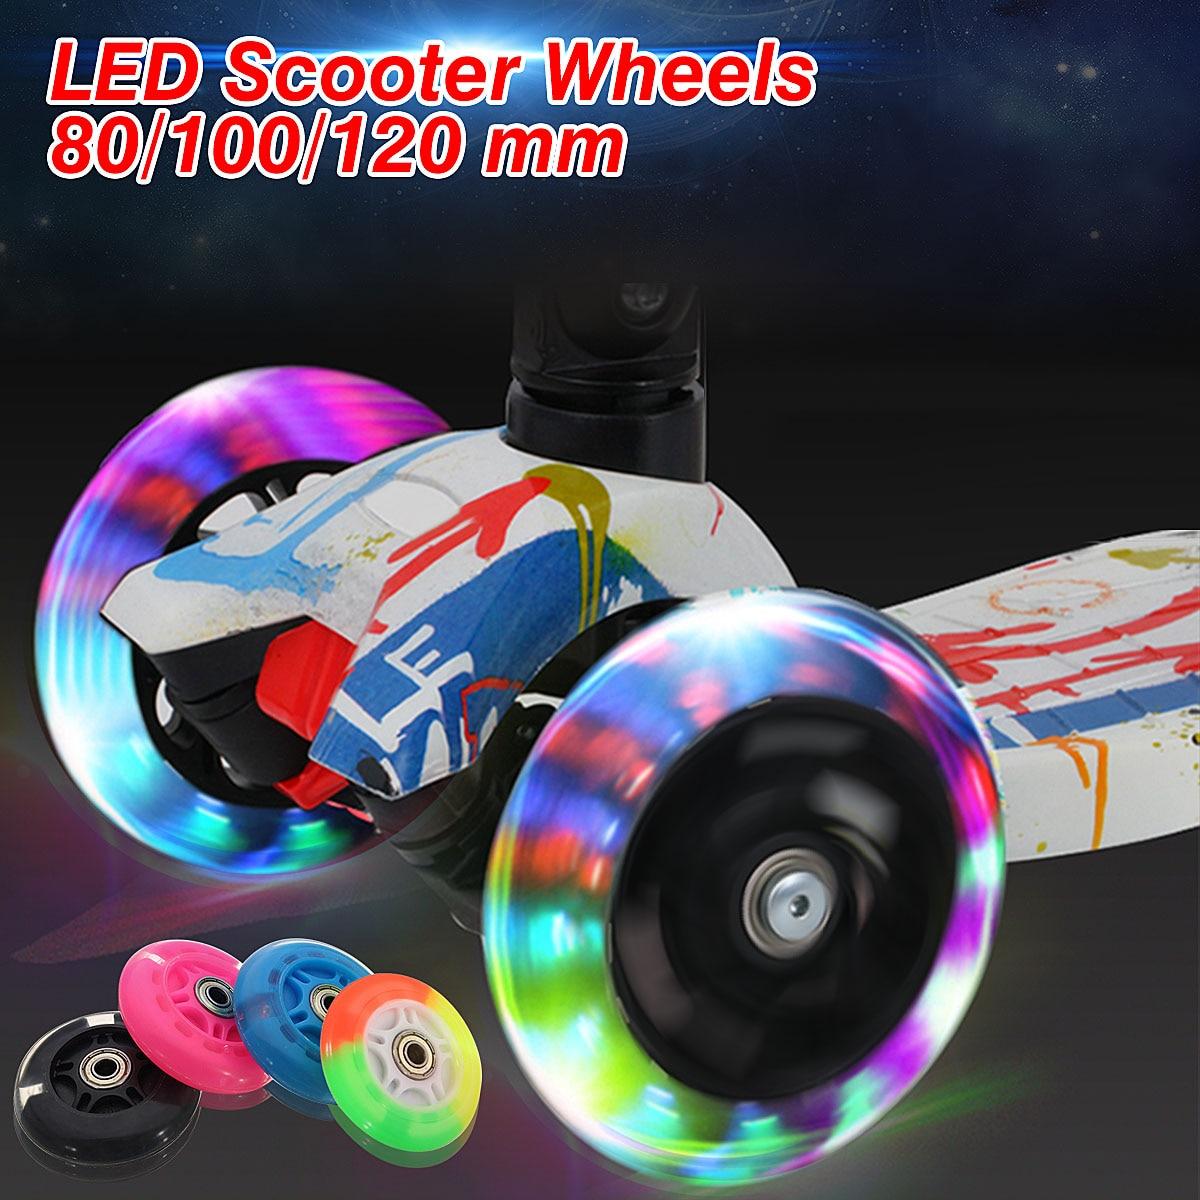 2 unids piezas rueda de Scooter LED Flash rueda de Scooter para Mini Micro Scooter con 2 rodamientos ABED-7 80mm 100mm 120mm